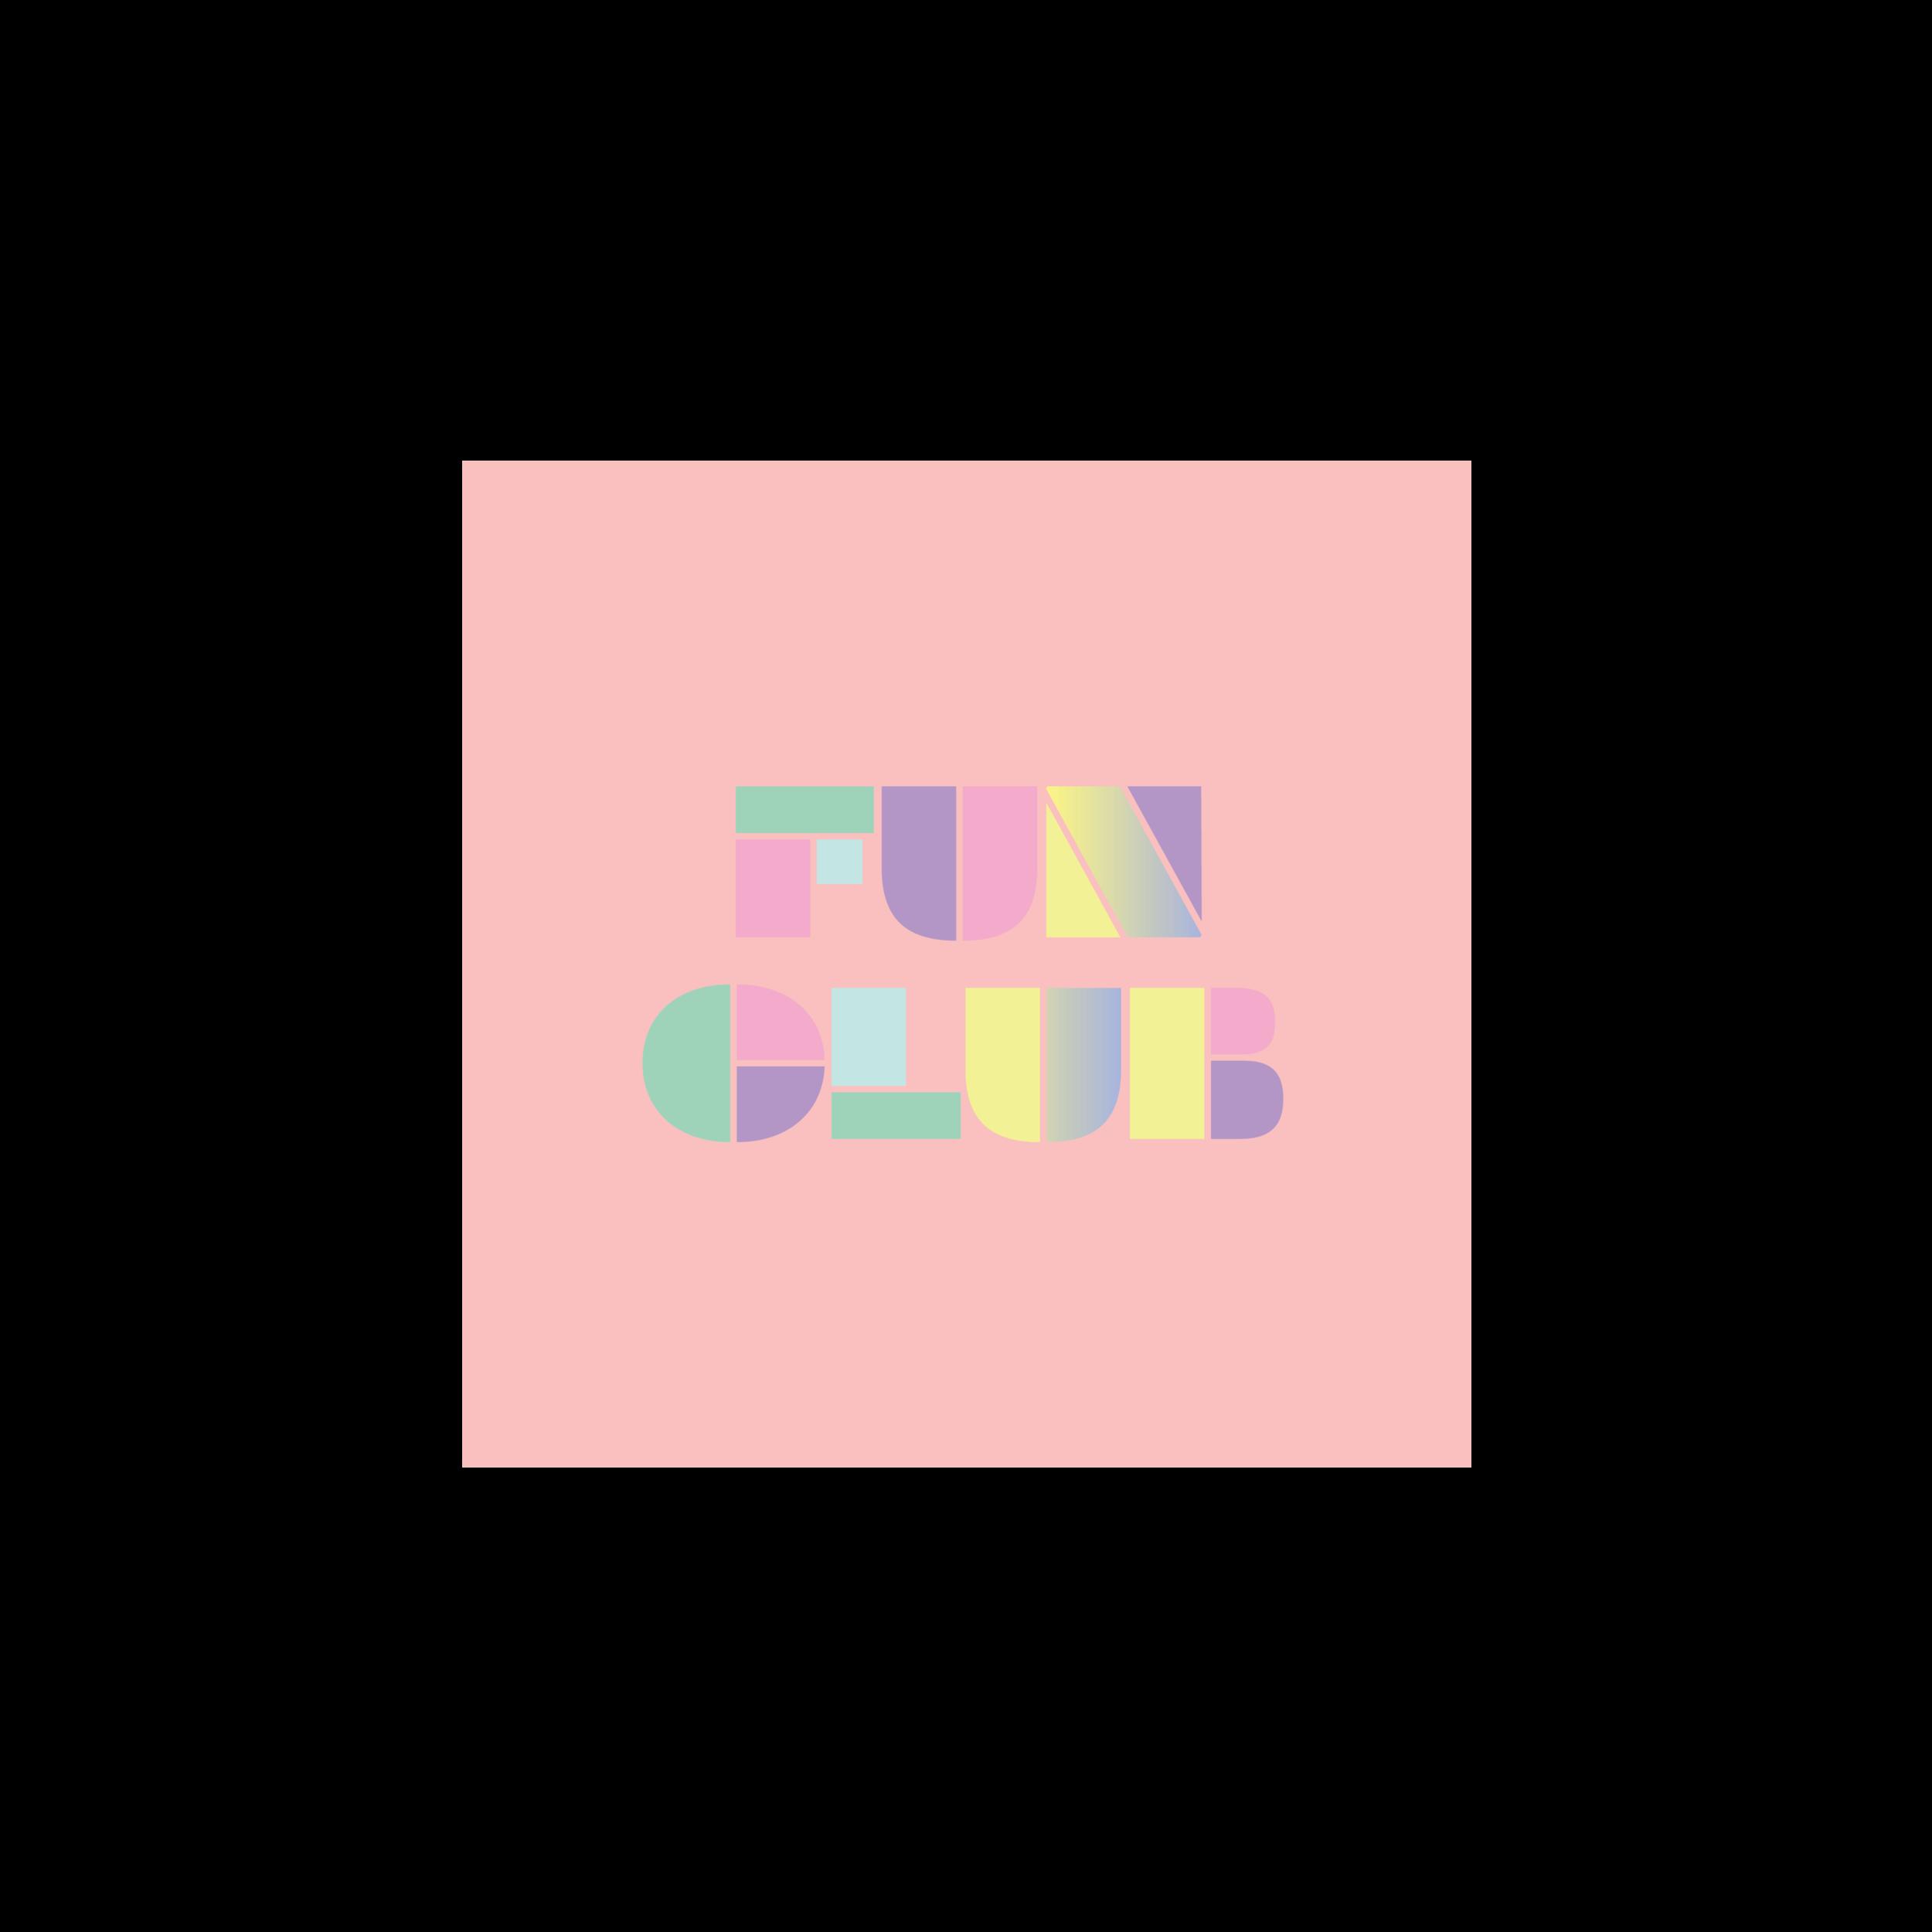 FUNCLUB-LOGO2-01.png